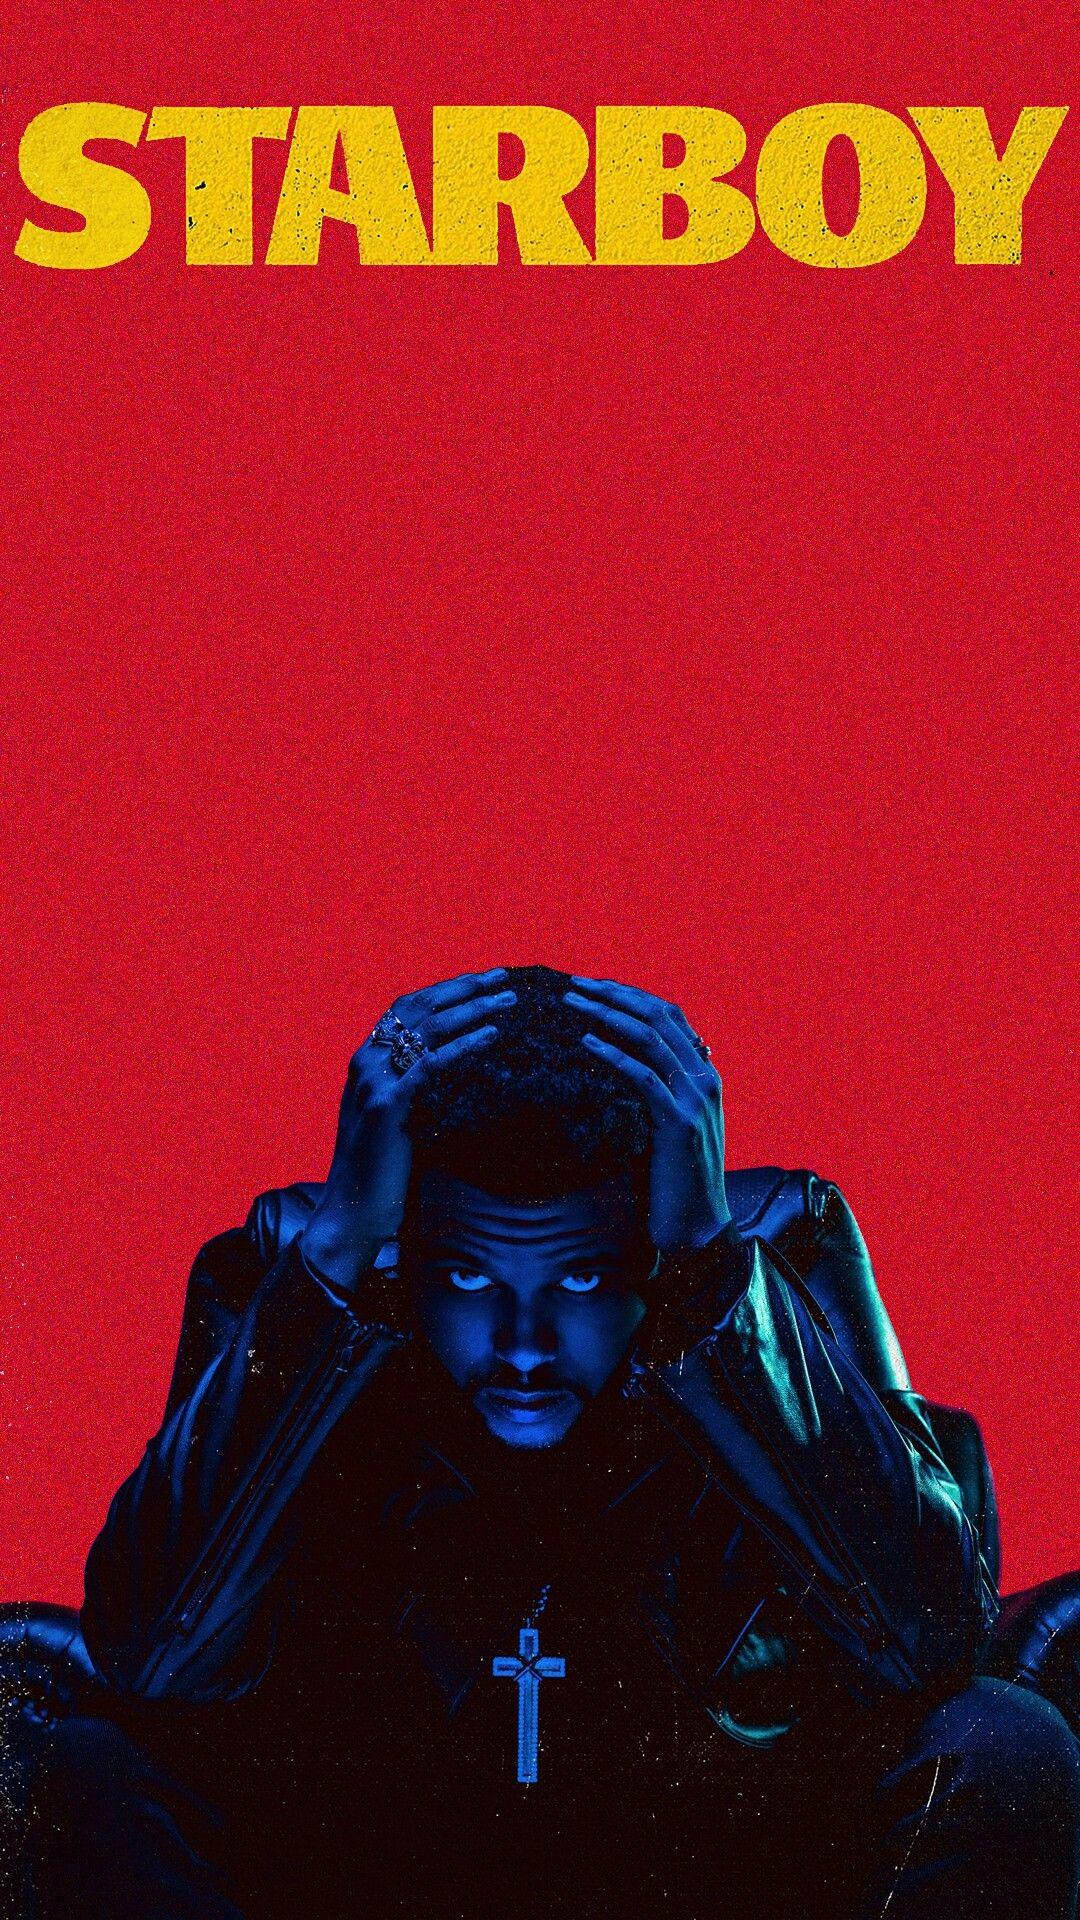 The Weeknd 1080x1920 wallpaper XO TOUR LIF3